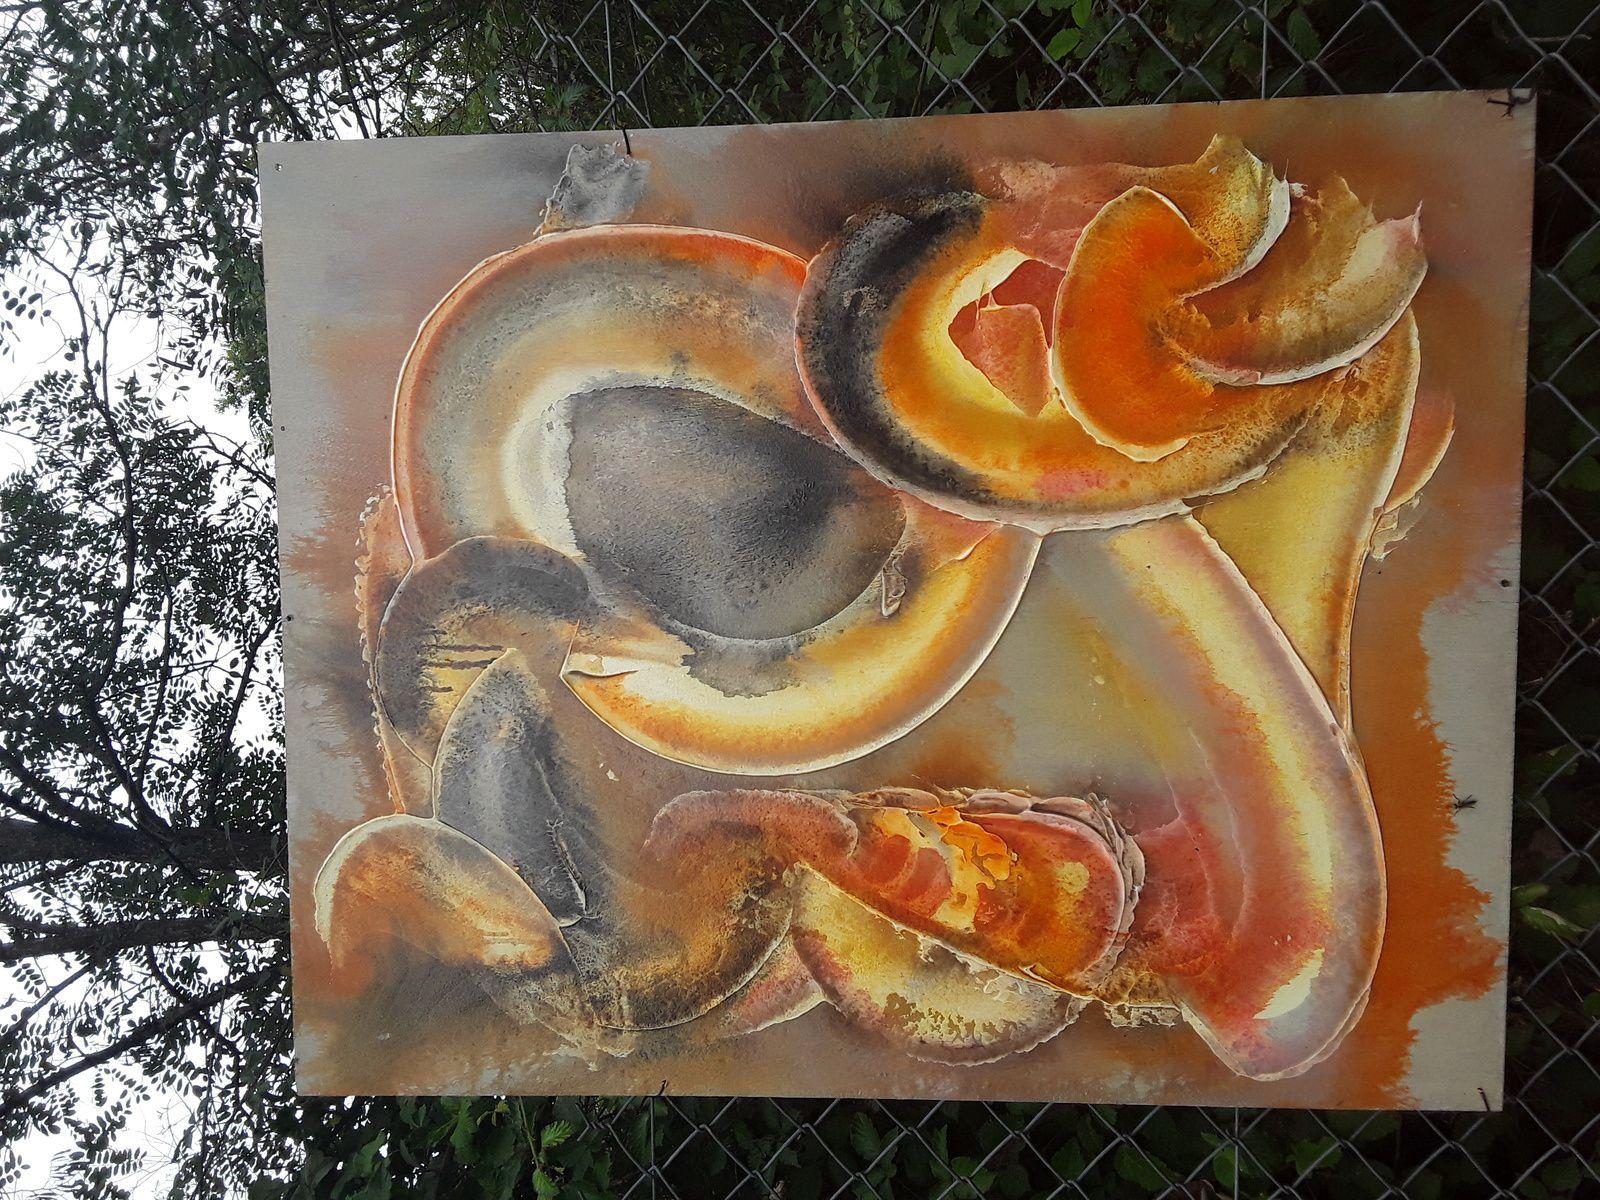 Une belle découverte dans les jardins du Bourgailh, avec ces peintures entre les plantes potageres, l art au jardin ,j adore